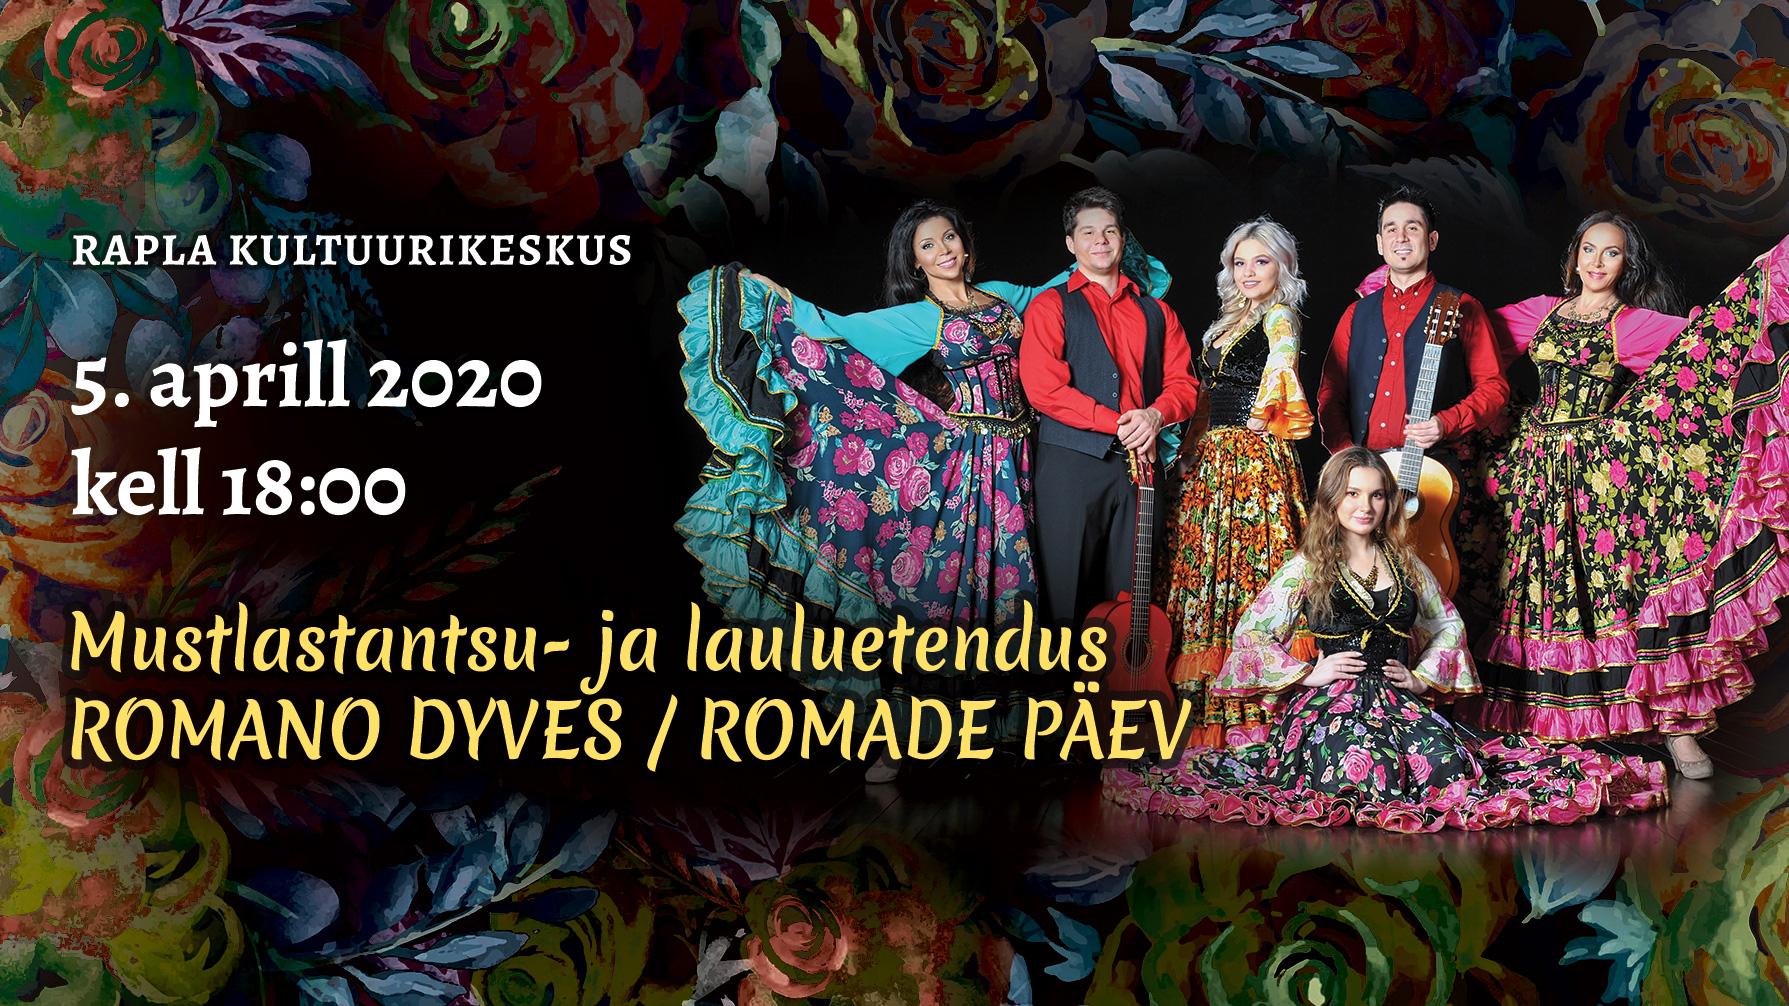 Mustlastantsu- ja lauluetendus- toimub 27.09.2020!